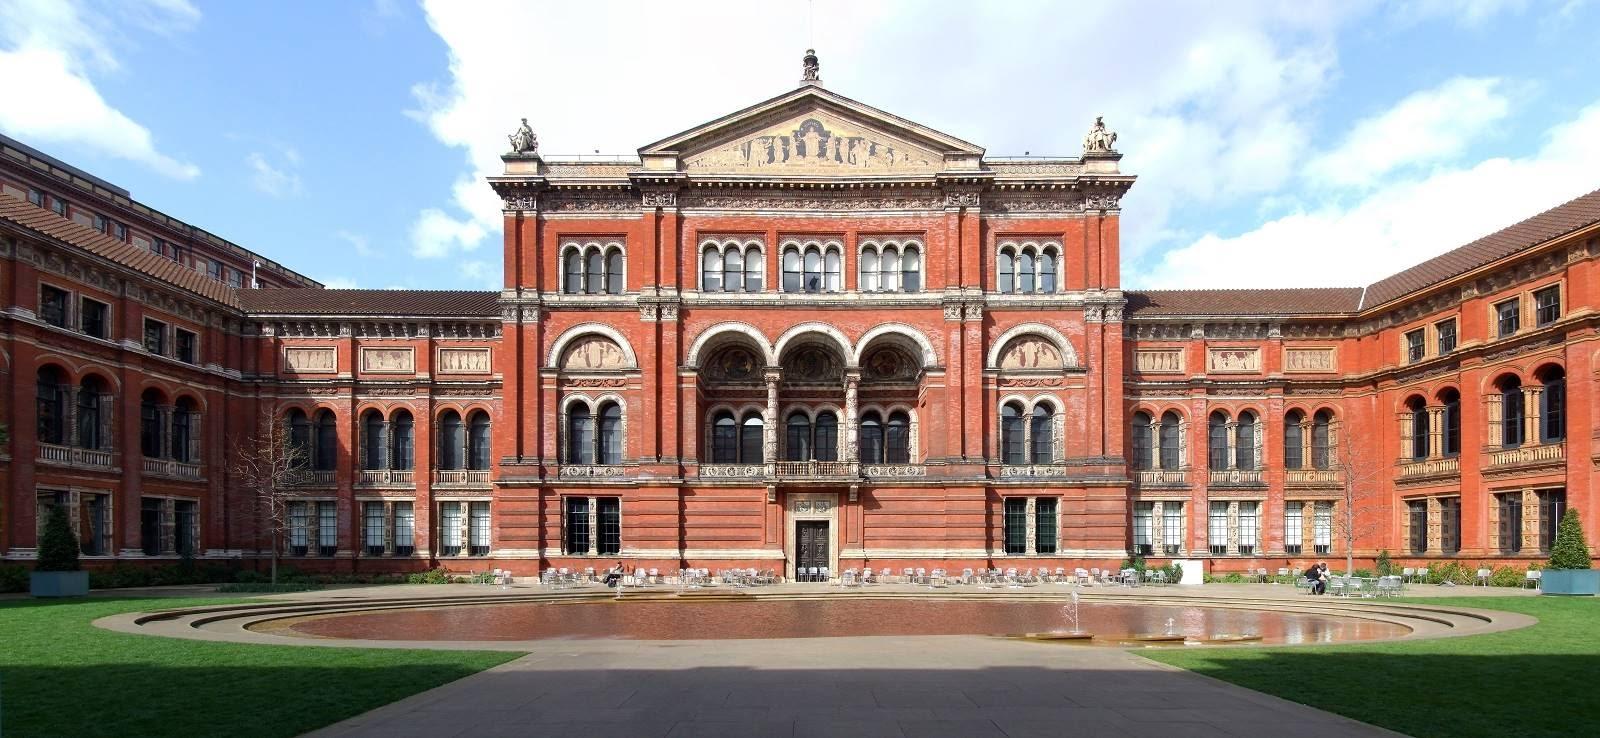 3. Victoria & Albert Museum